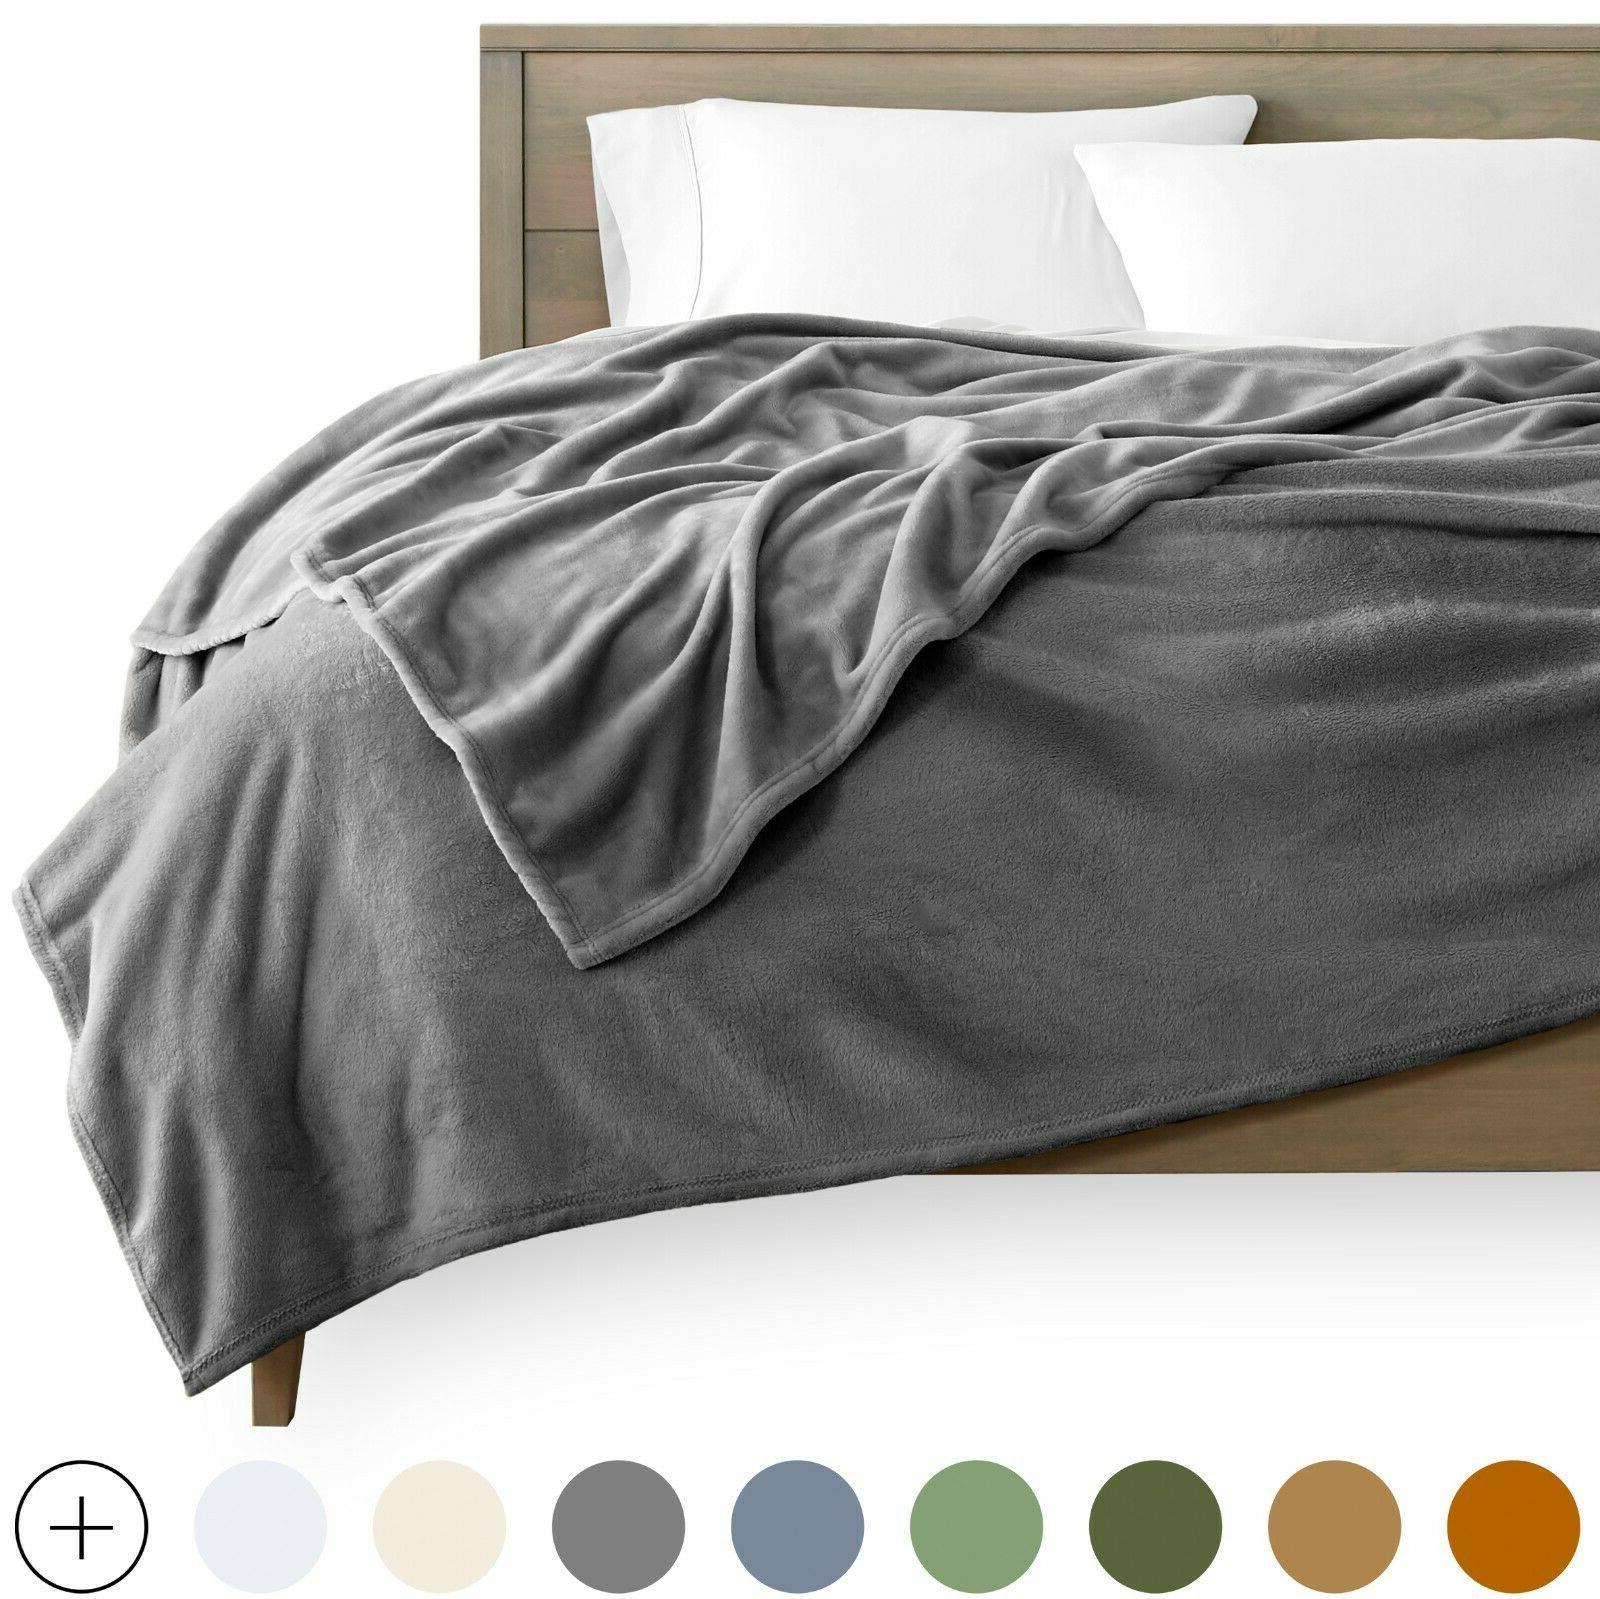 microplush velvet fleece blanket premium ultra soft